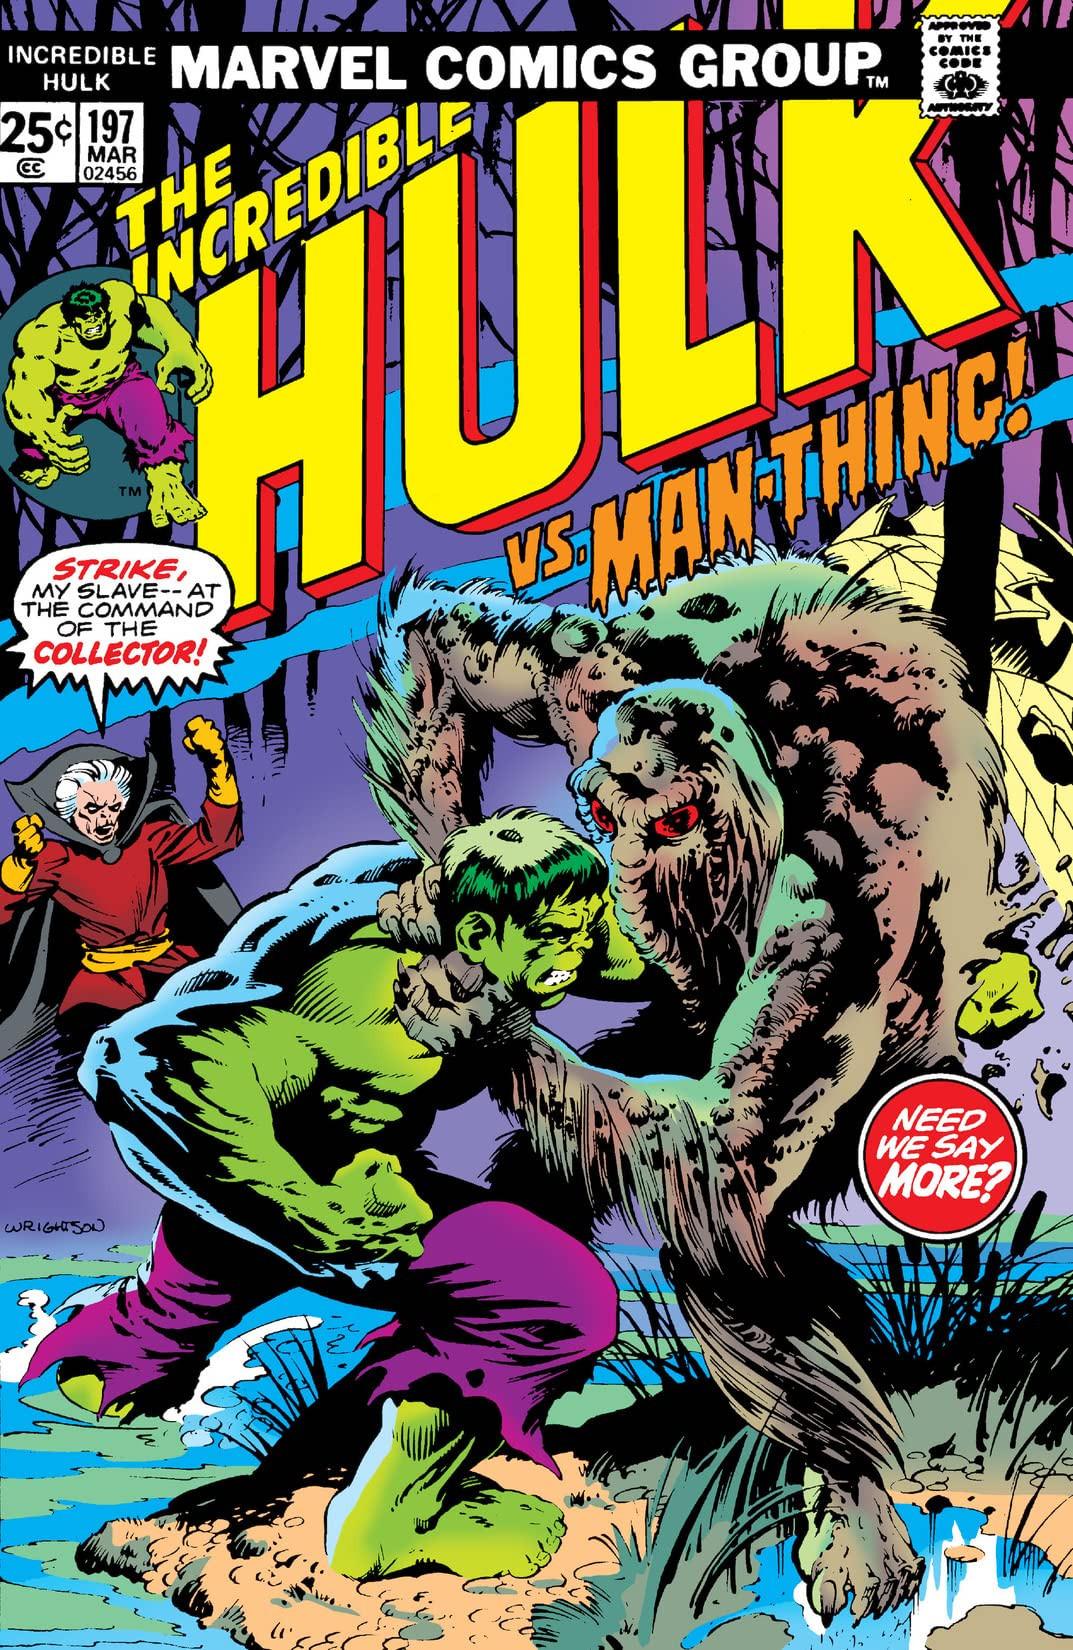 Incredible Hulk Vol 1 197